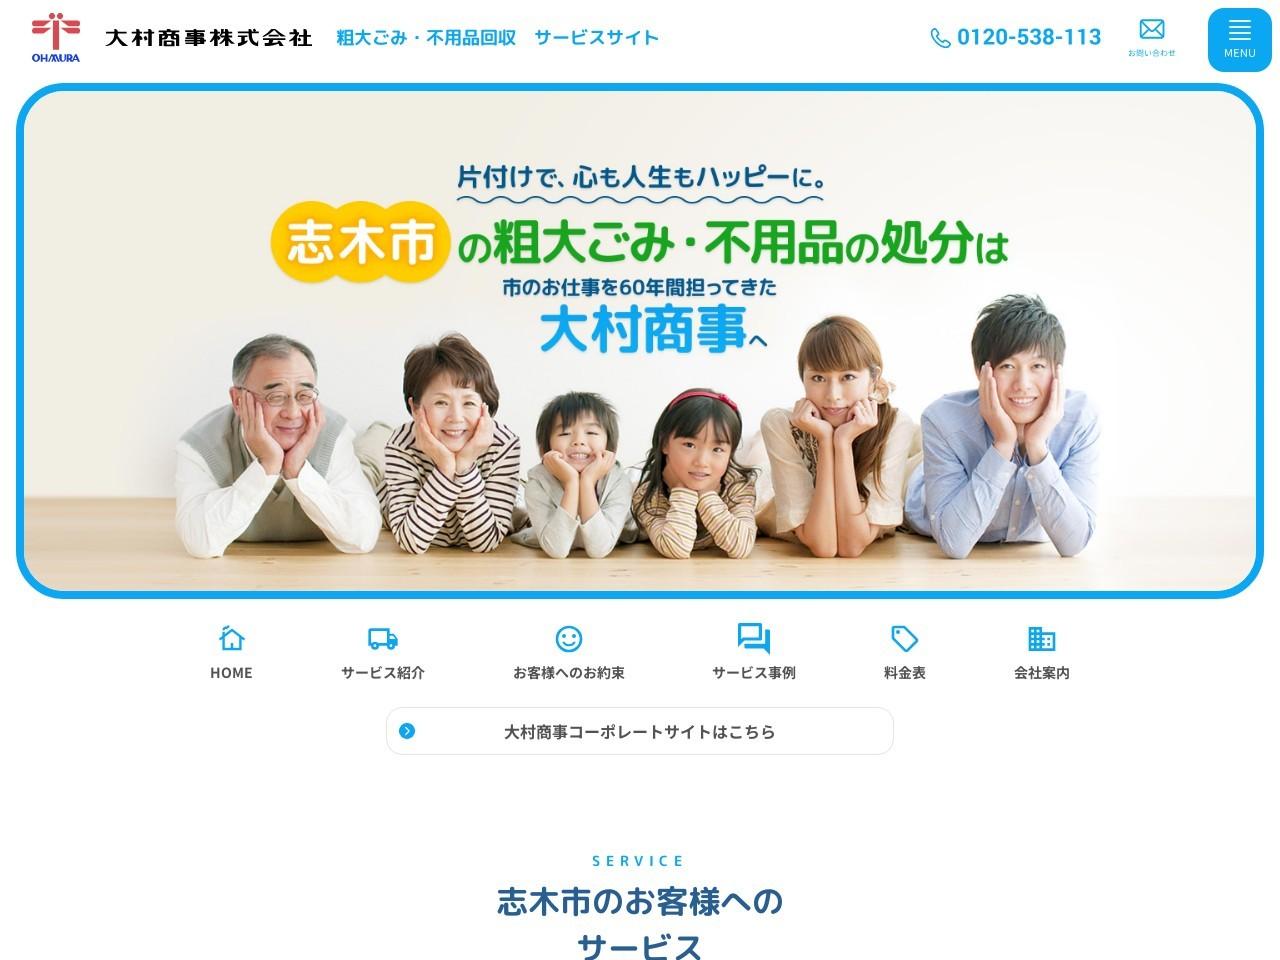 大村商事株式会社